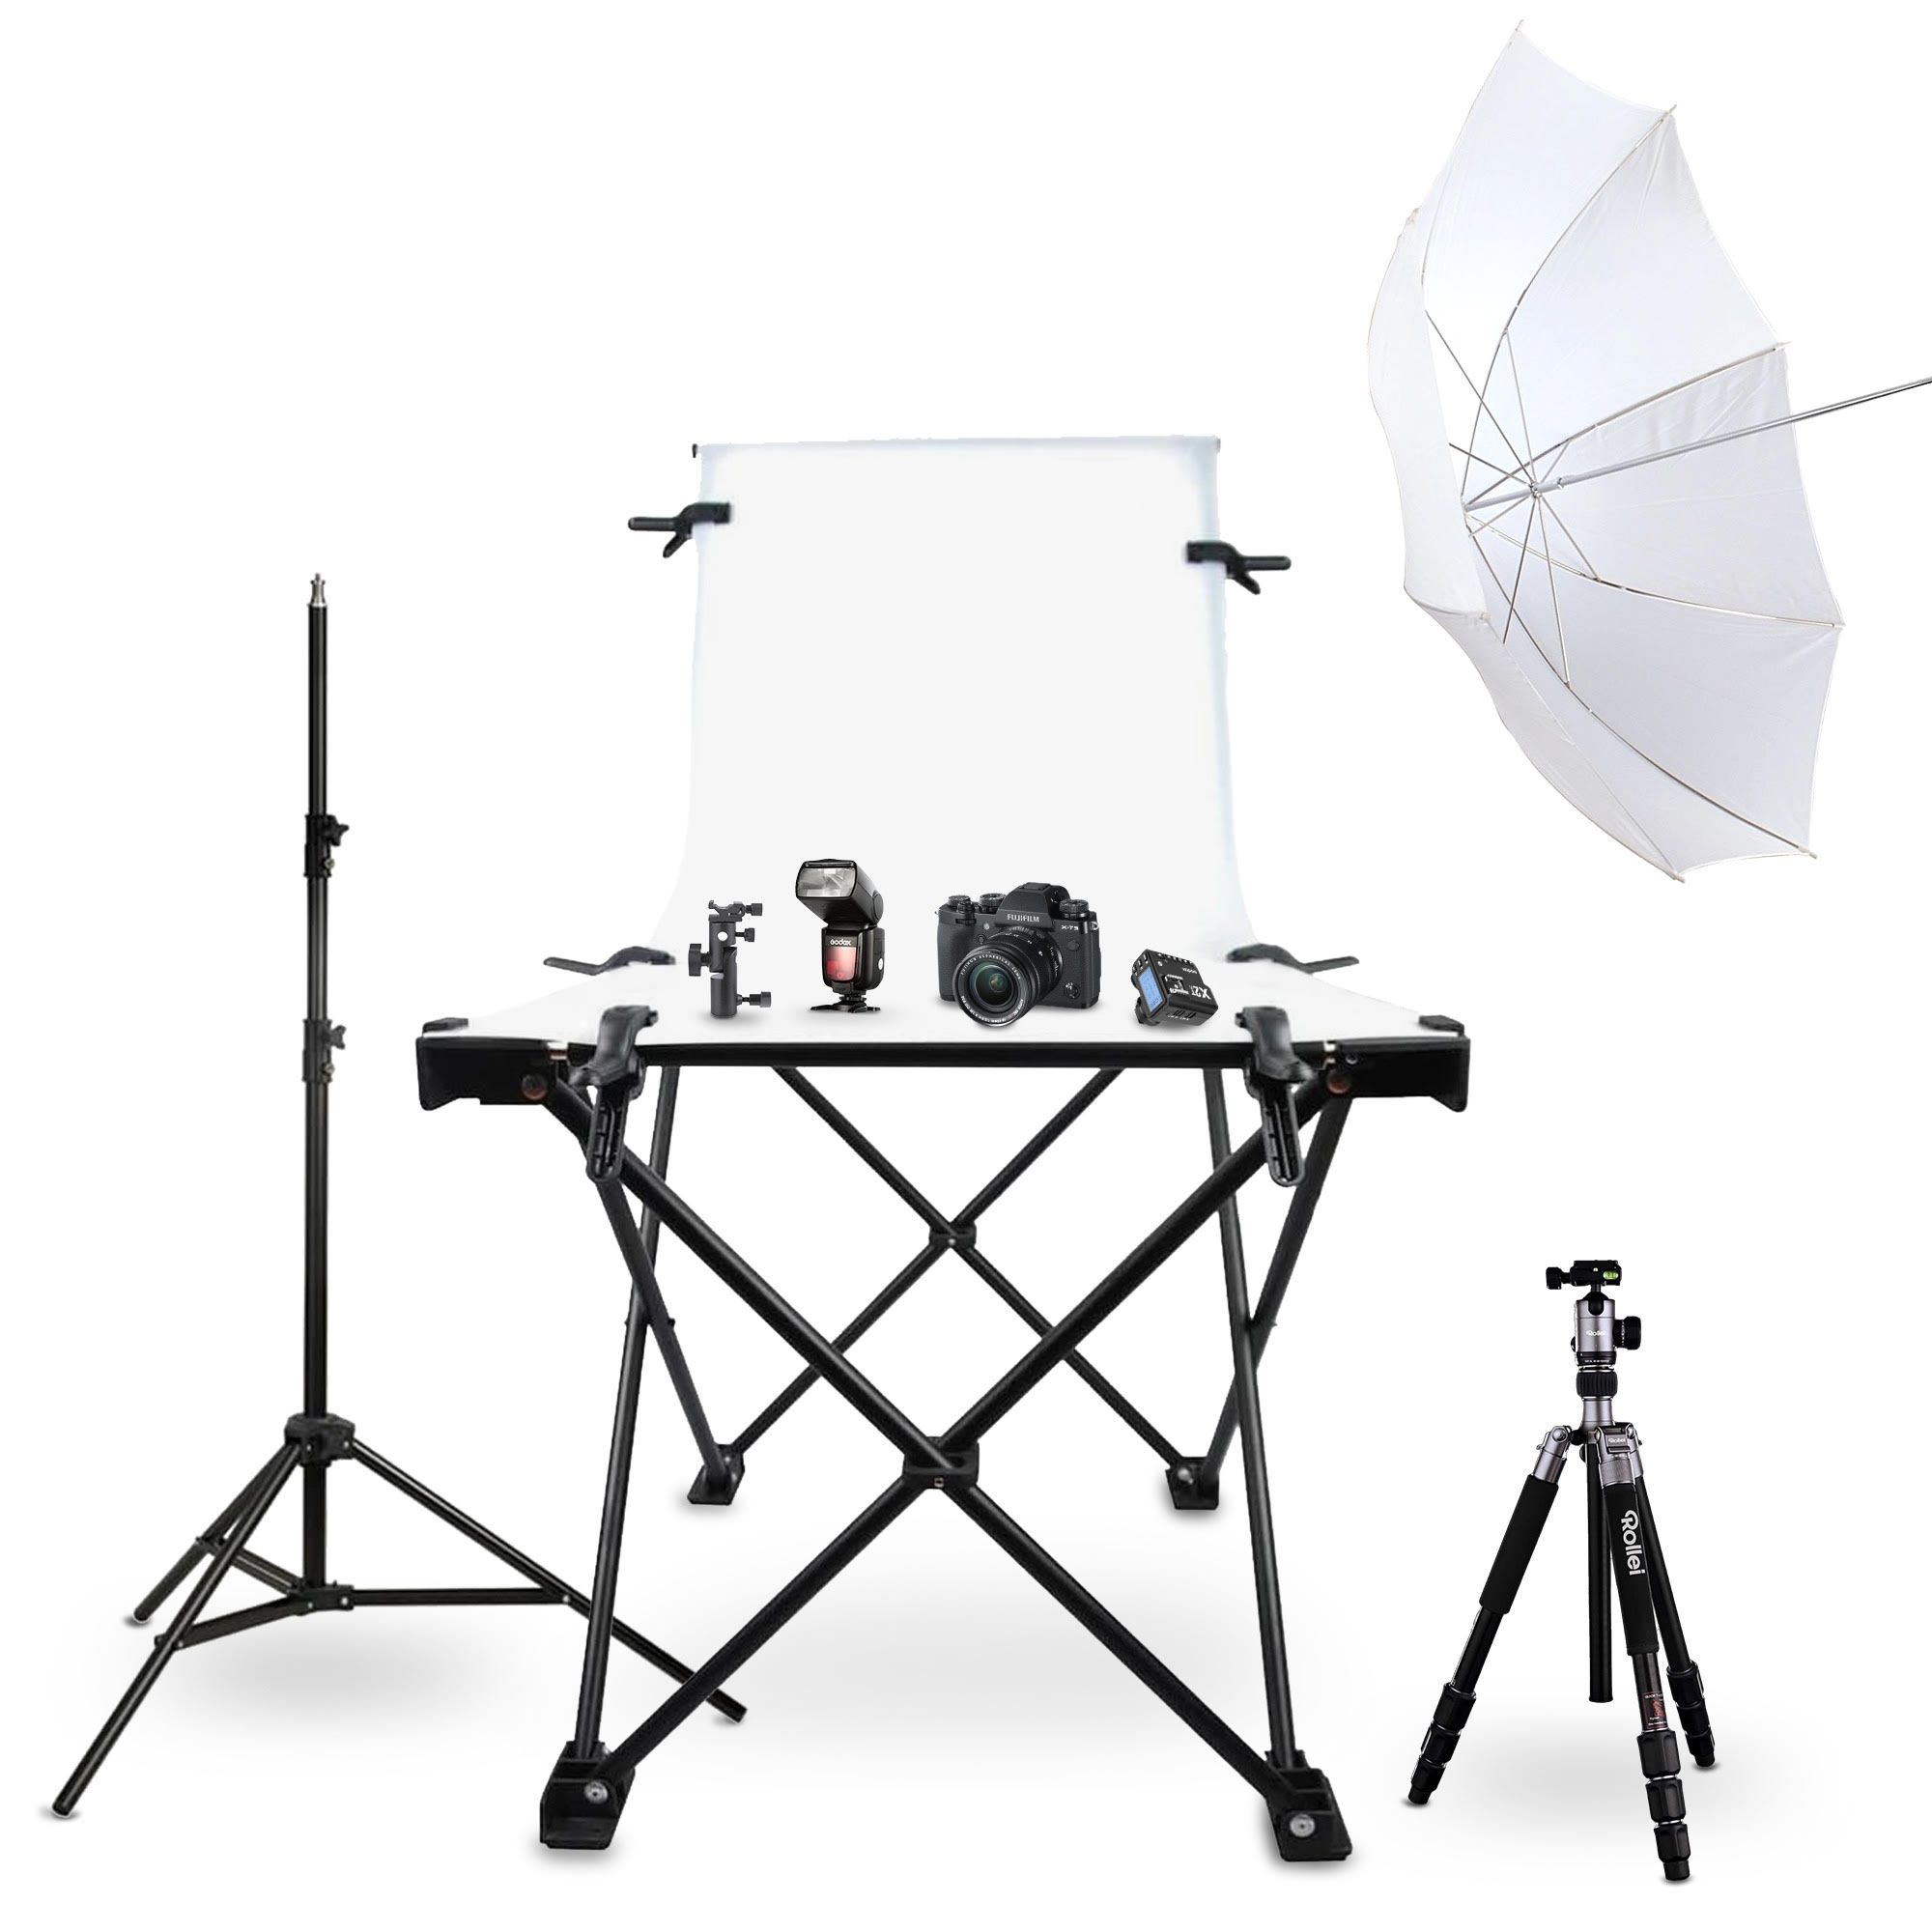 Fujifilm X-T3 schwarz Produktfotografie-Set 1 inkl. XF 18-55mm 1:2,8-4,0 R LM OIS